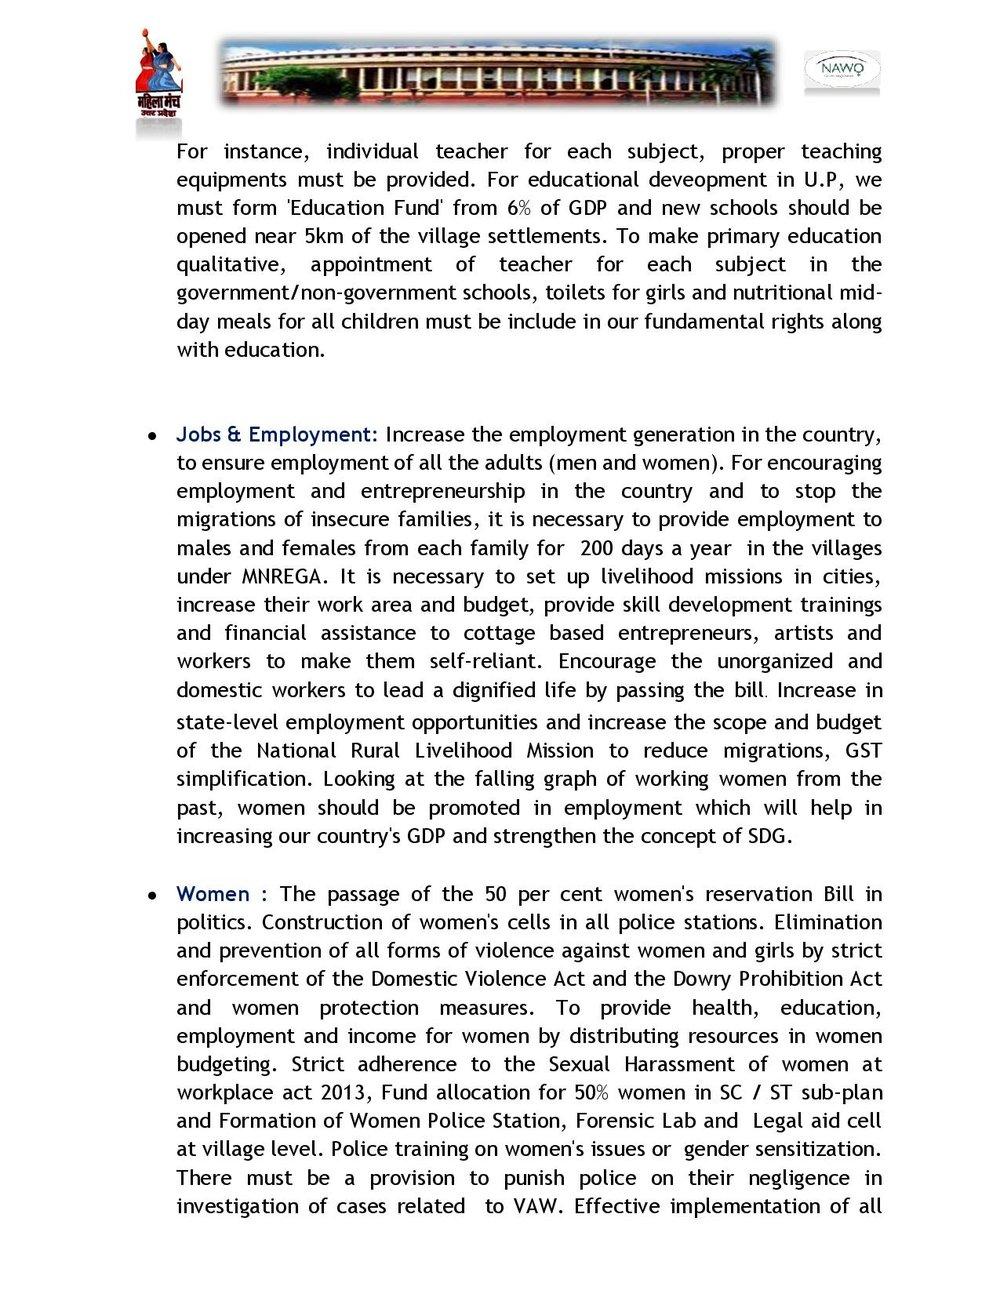 People Manifesto 2019 Mahila manch & NAWO) english-page-003.jpg